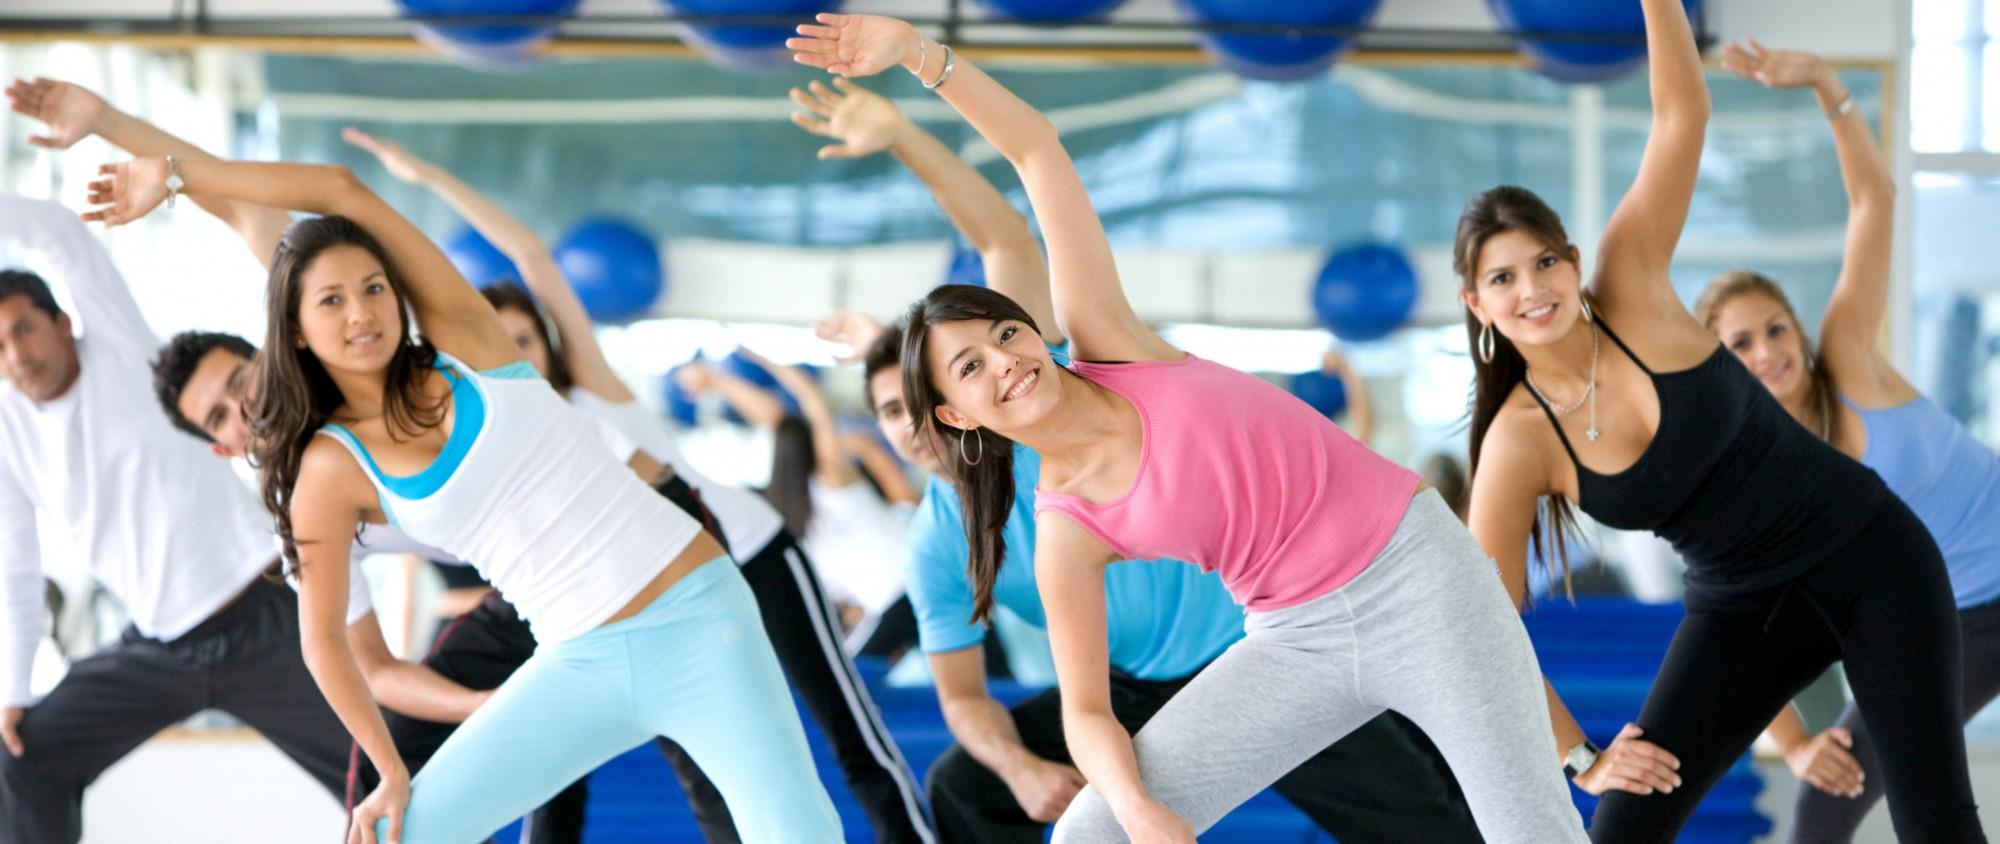 2.3 sai lầm khiến việc tập gym giảm cân không hiệu quả2